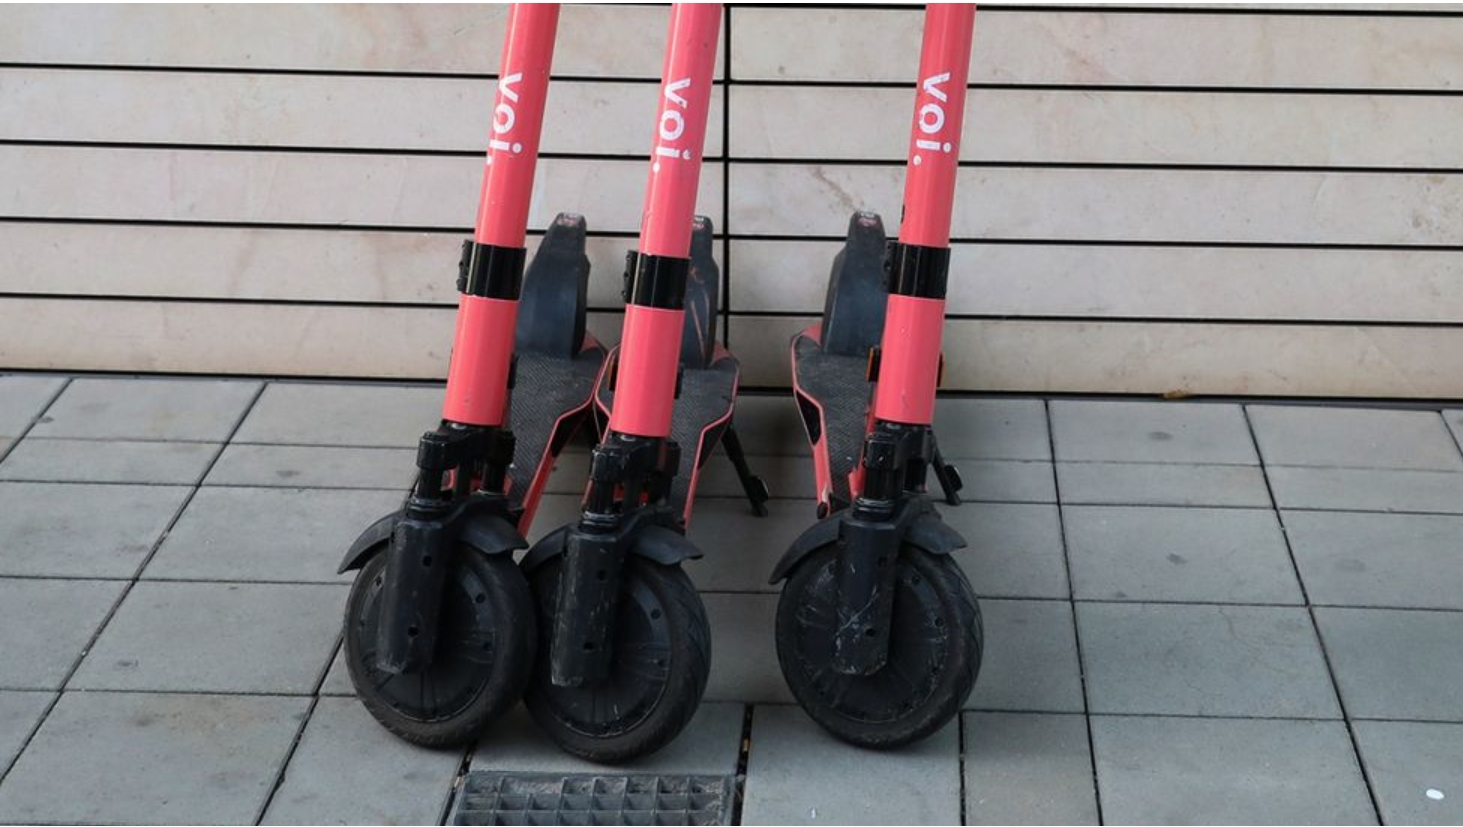 三個城市的電動滑板車將被改裝成發動機般的嗡嗡聲,以提醒人們注意它們的存在。